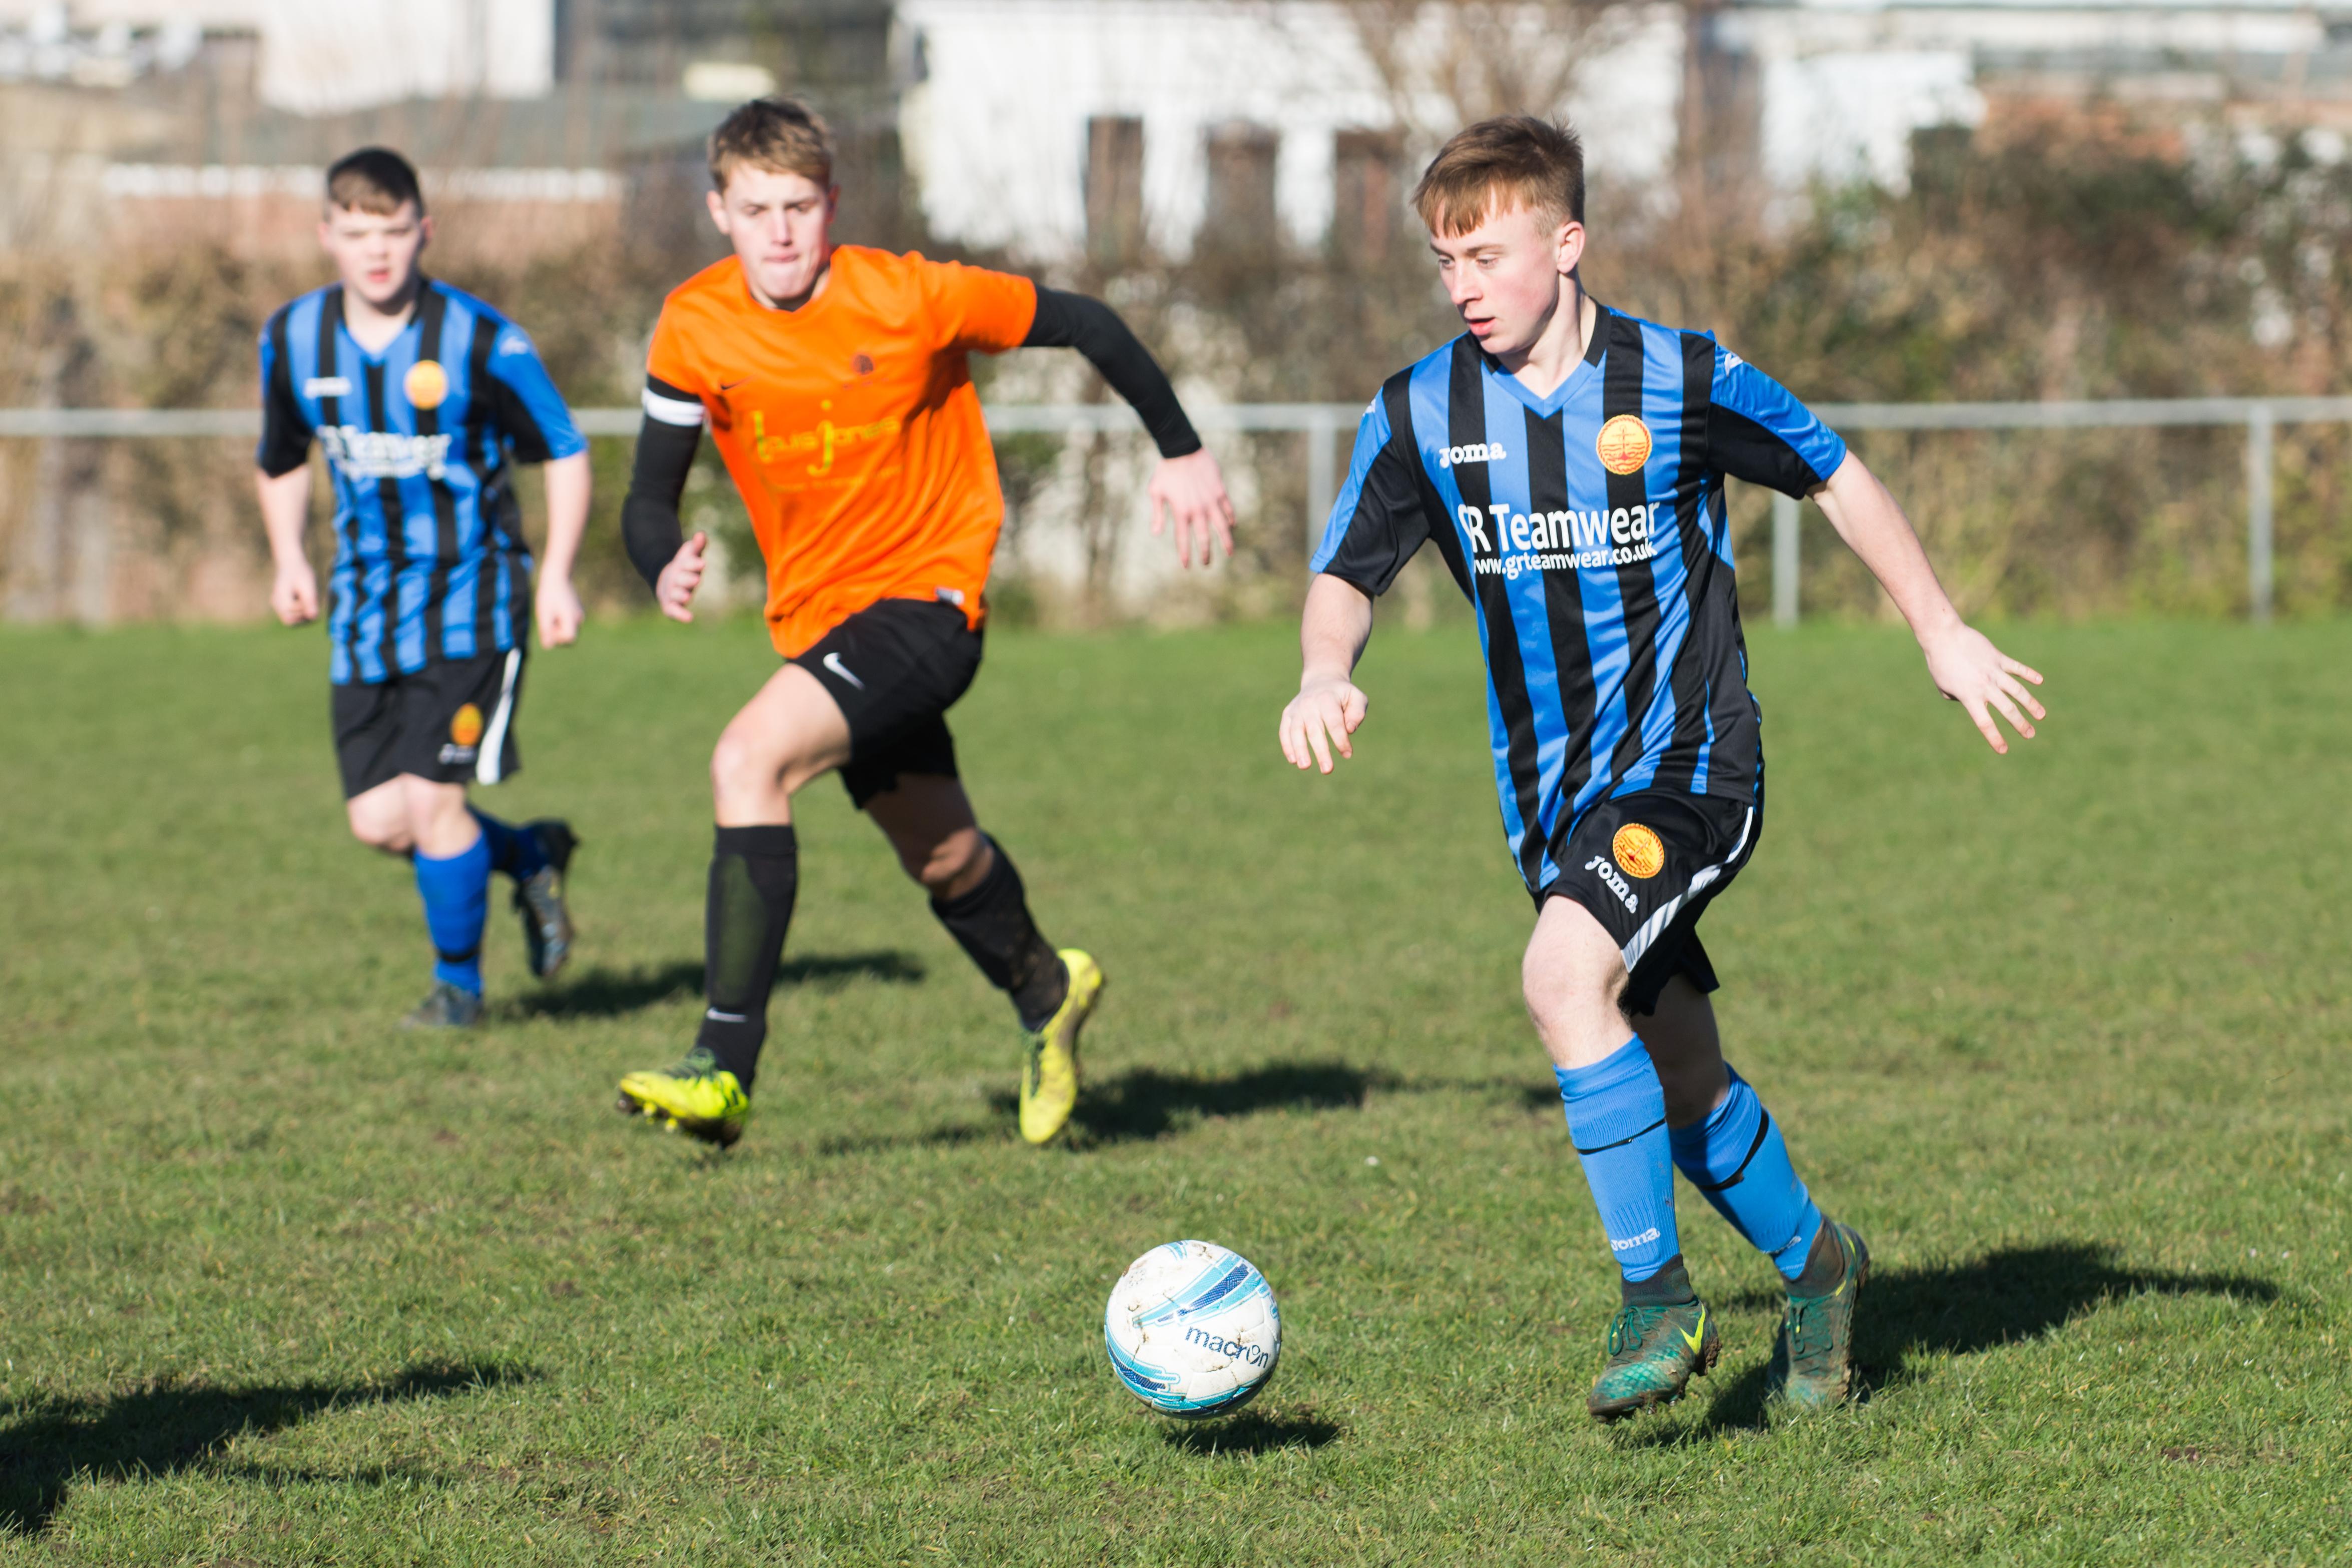 Mile Oak FC U18s vs Newhaven FC U18s 04.02.18 04